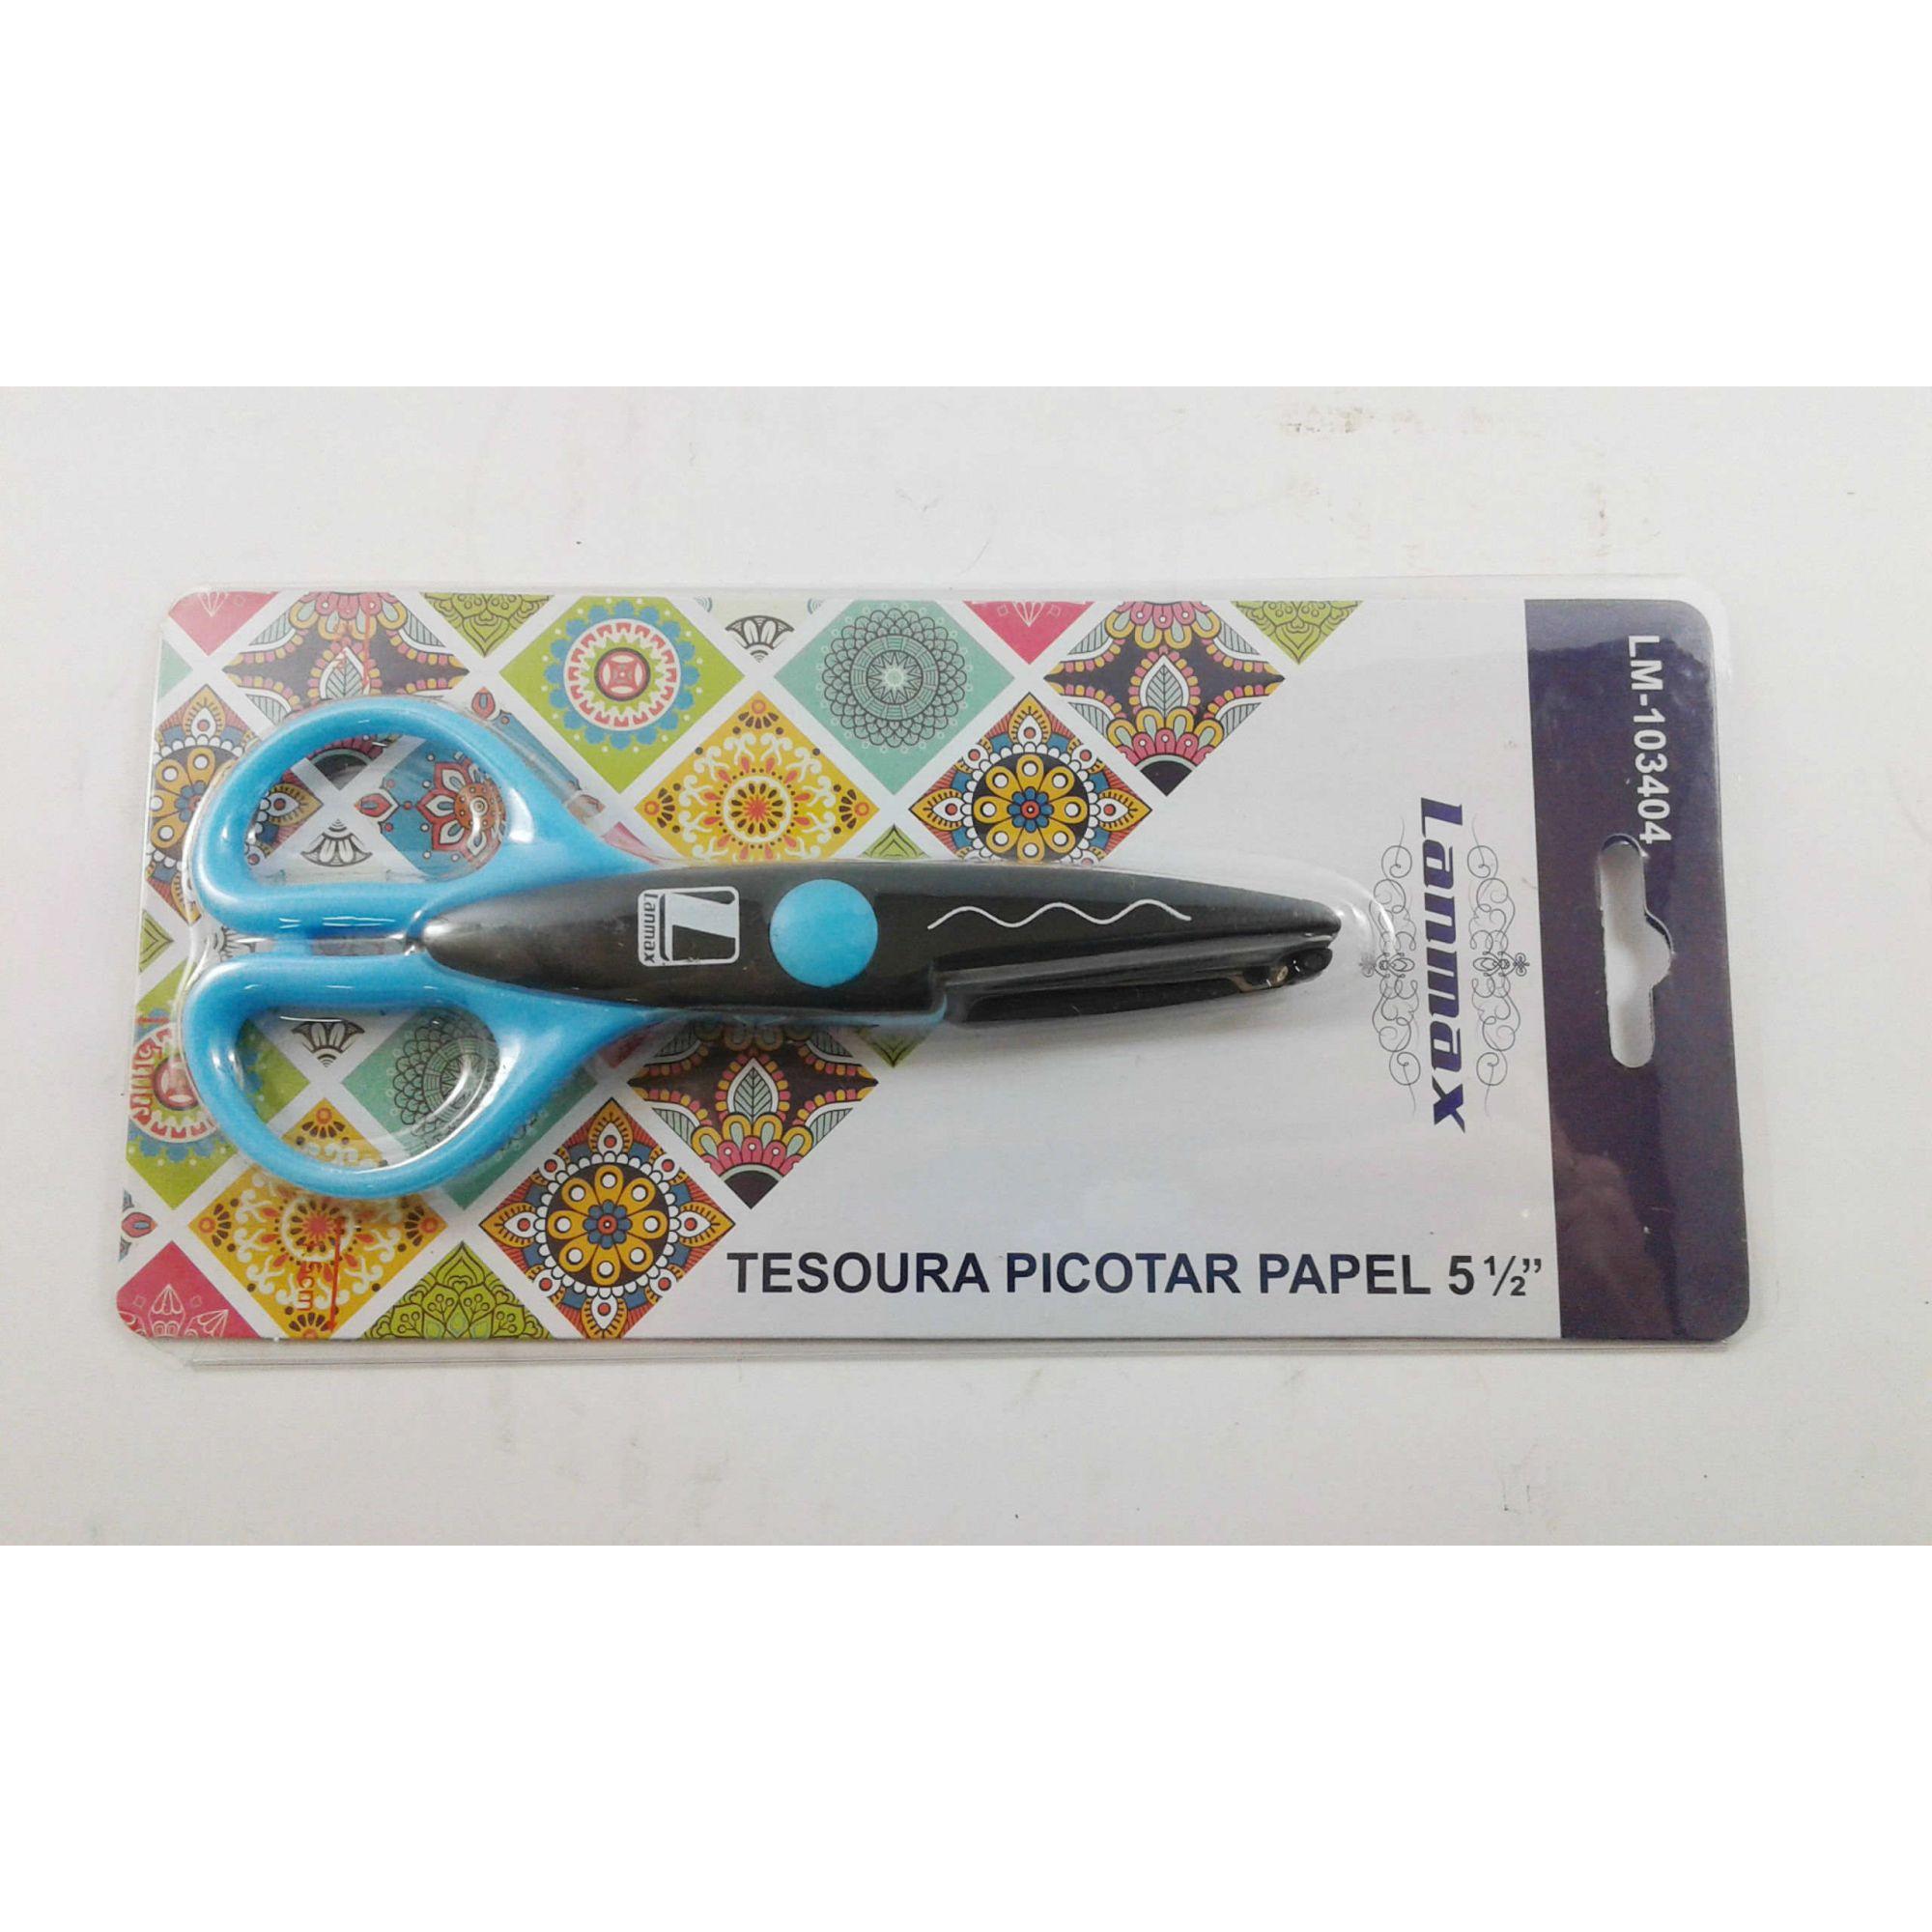 Tesoura Picotar Papel 14cm com corte ondulado